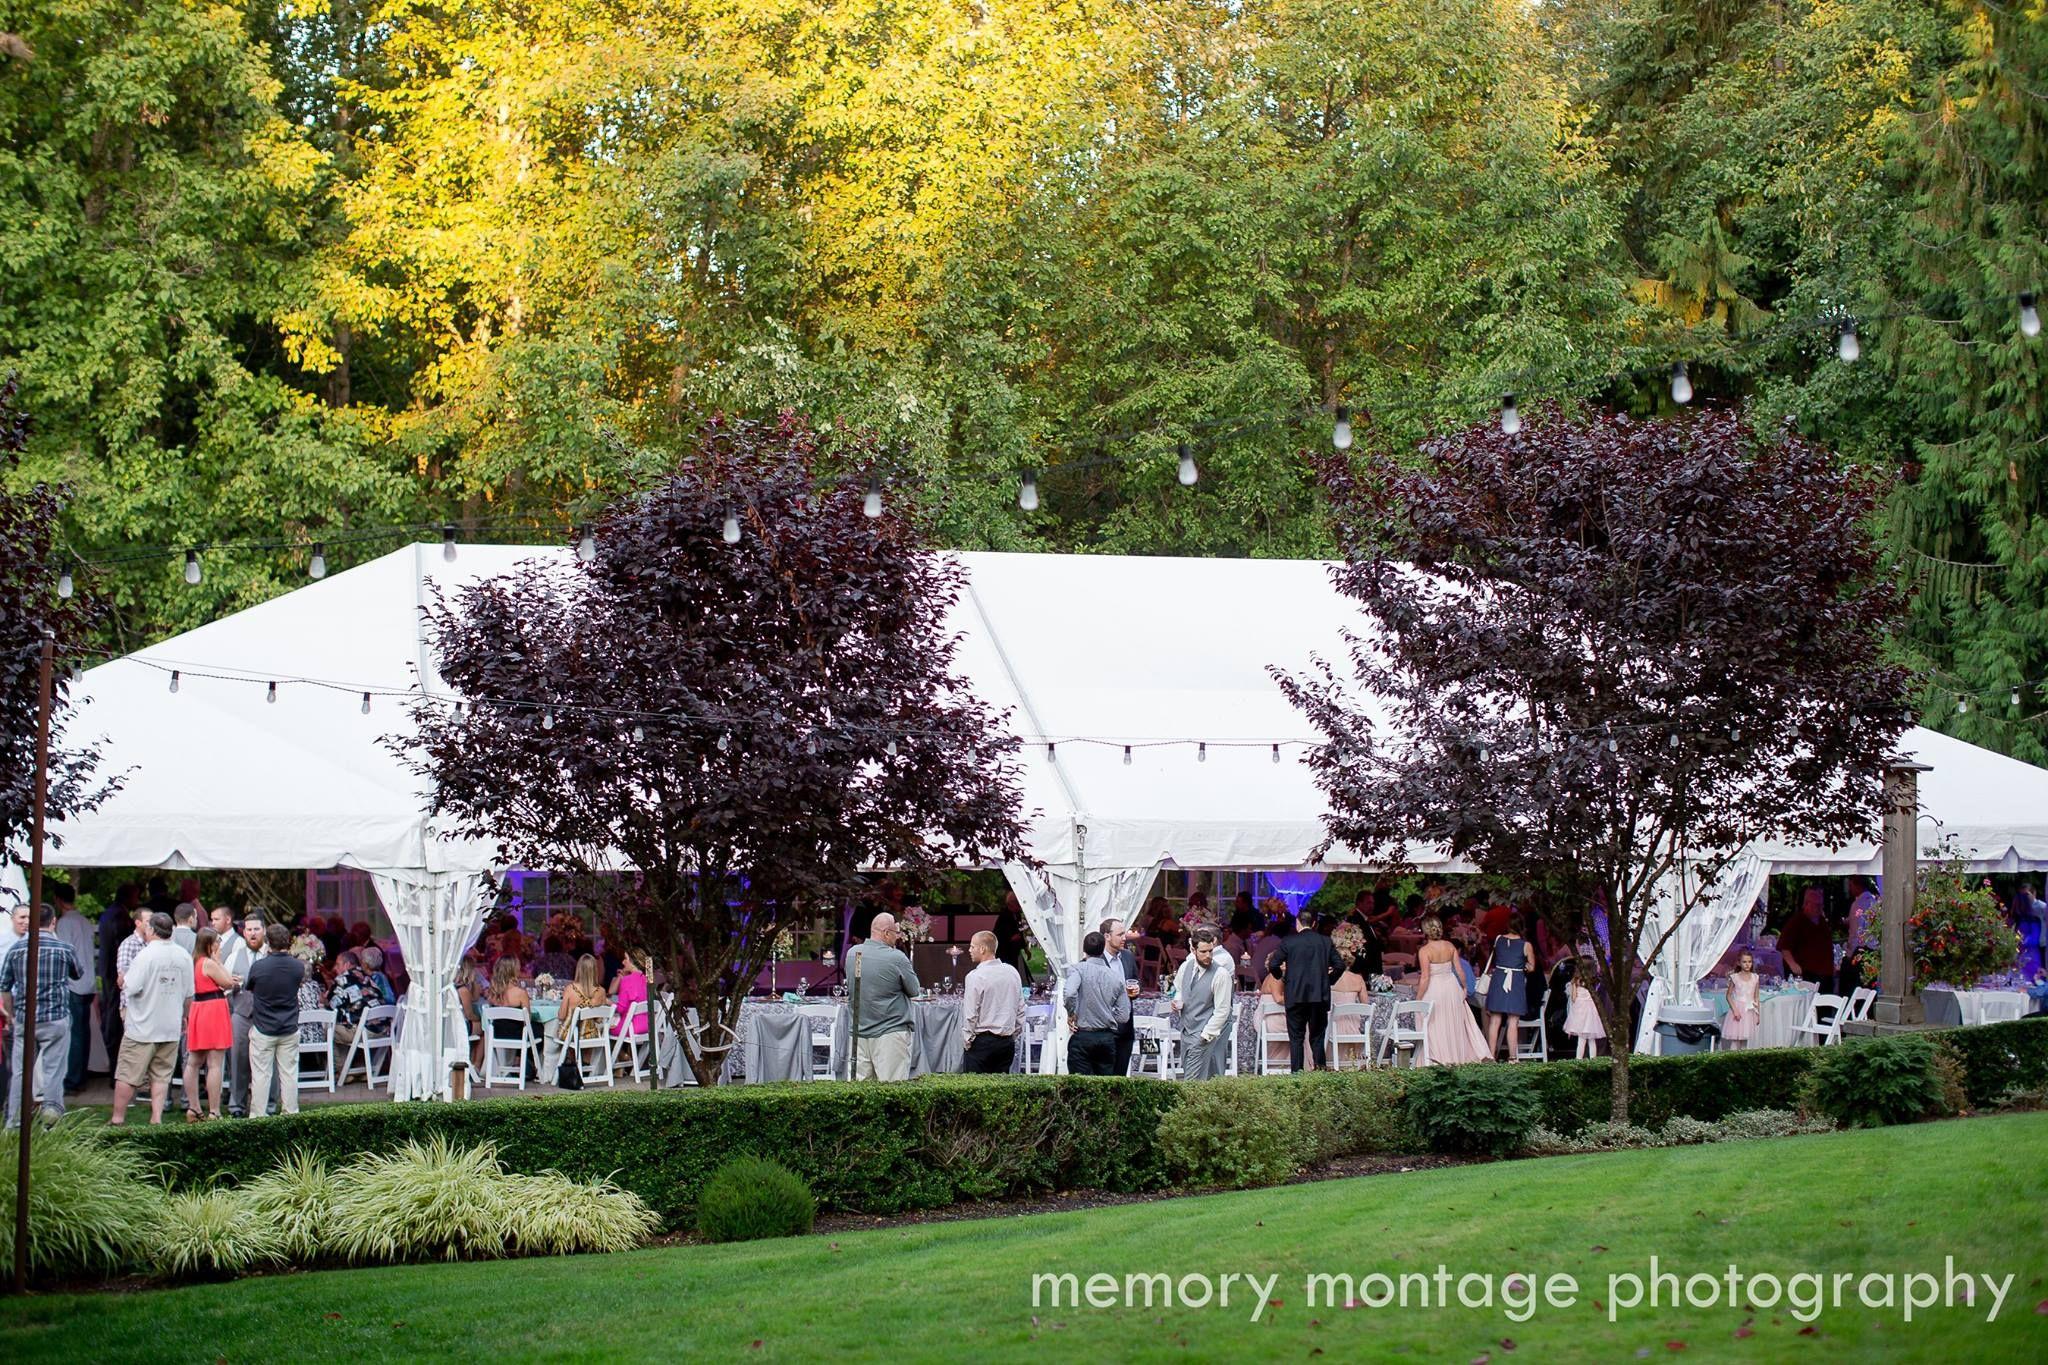 9e08764bdb9957ce336f3d42c7b2e428 - Rock Creek Gardens Wedding And Event Venue